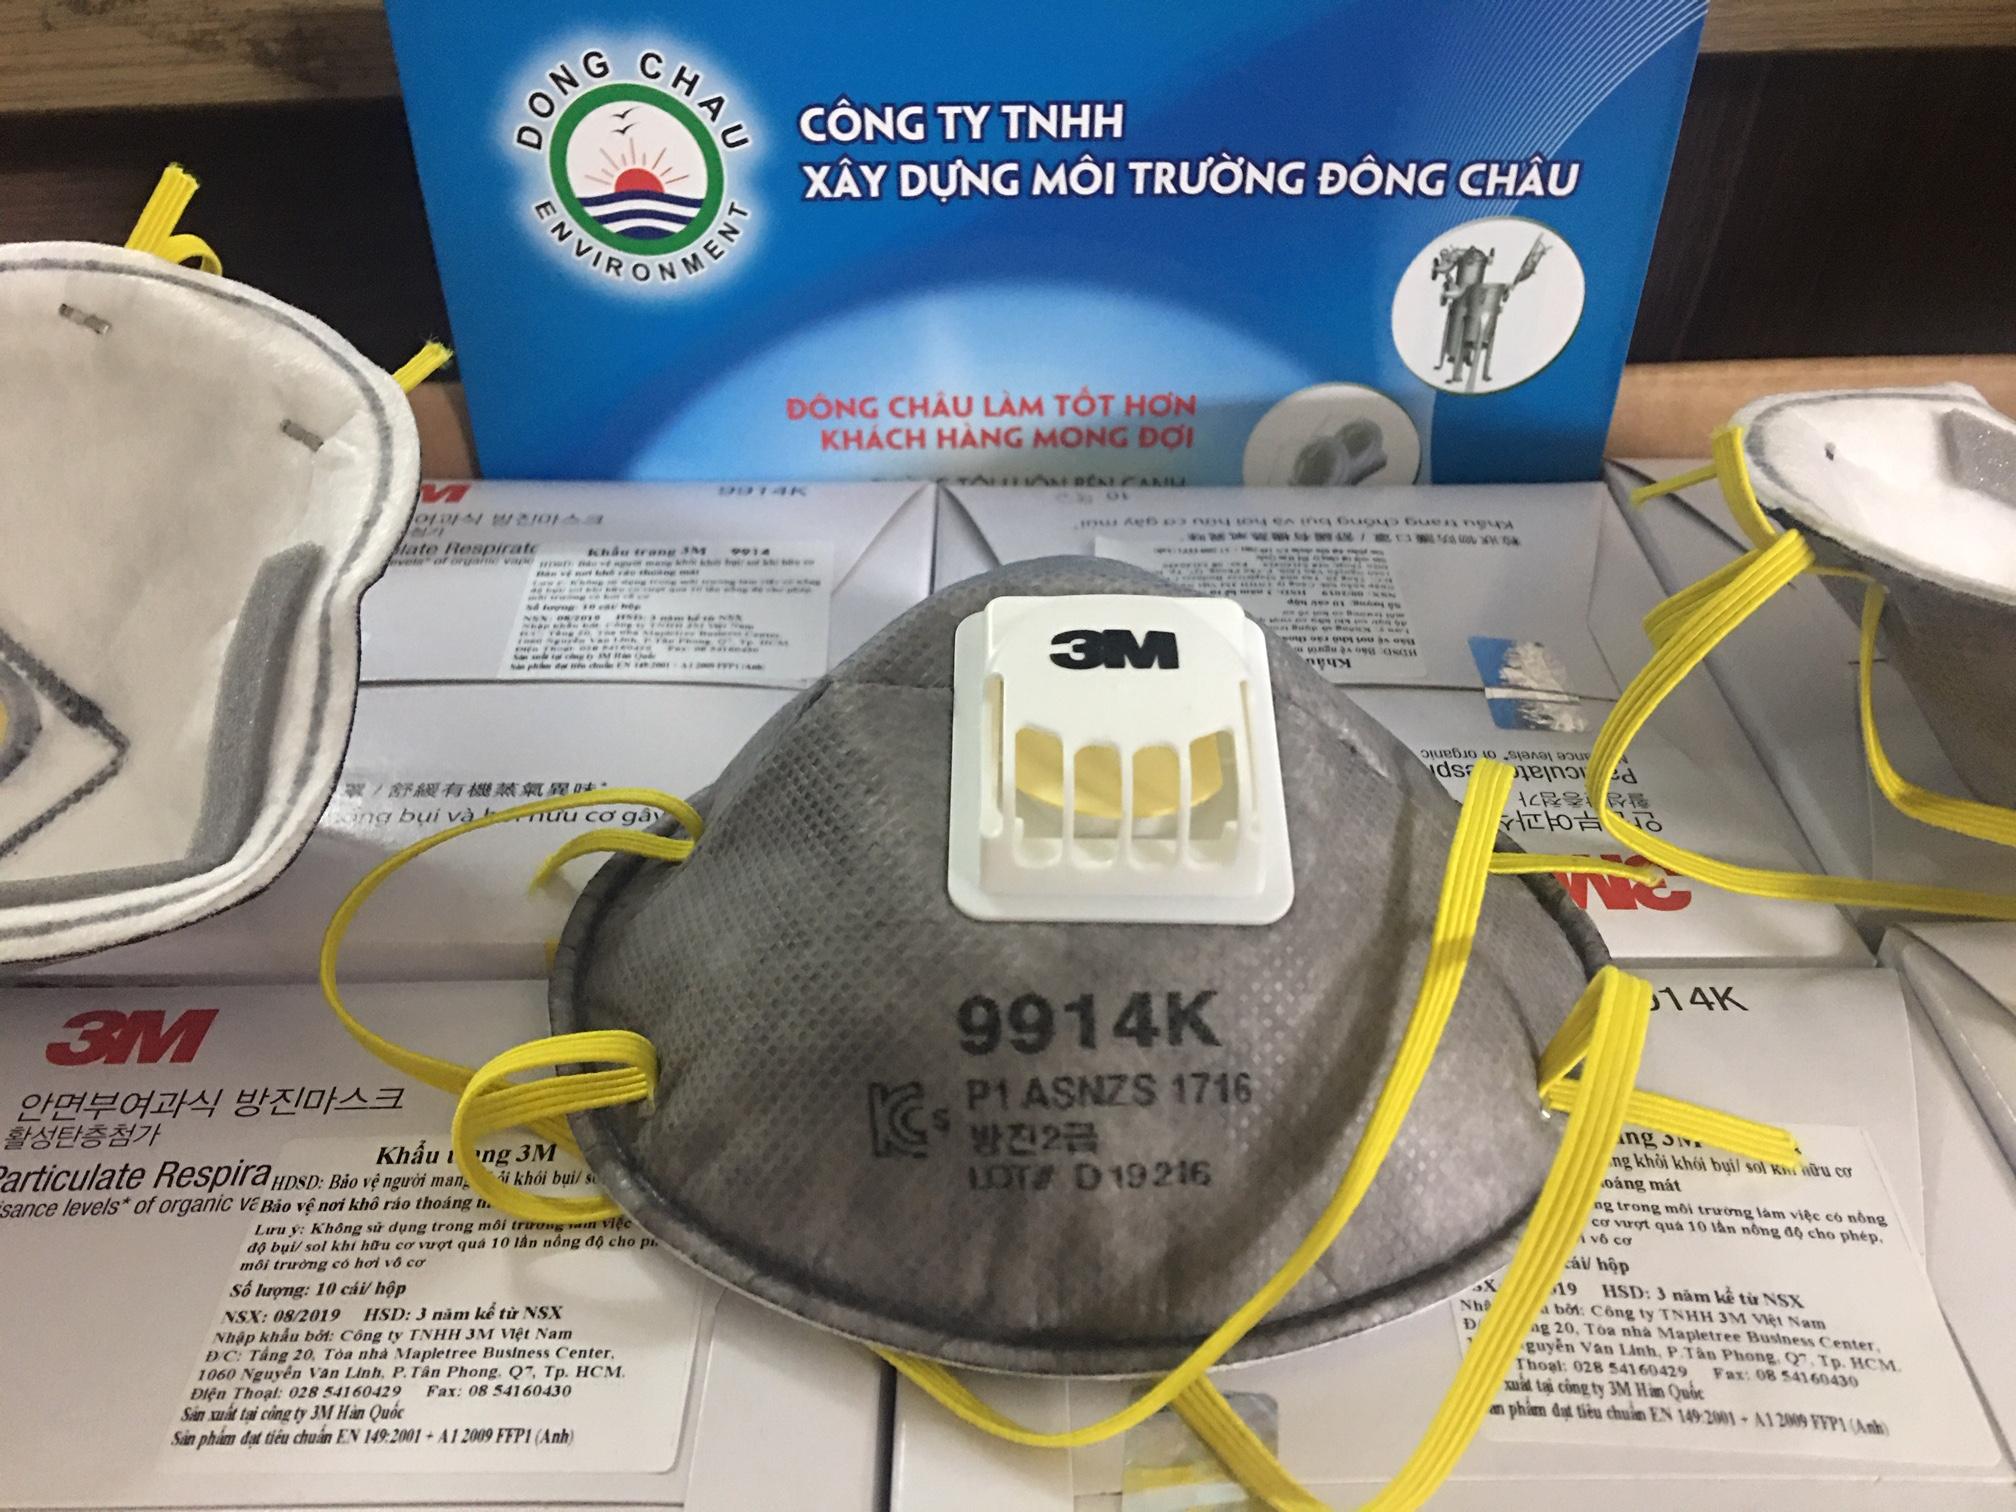 Khẩu trang than hoạt tính hấp thu hữu cơ có van 3M 9914K